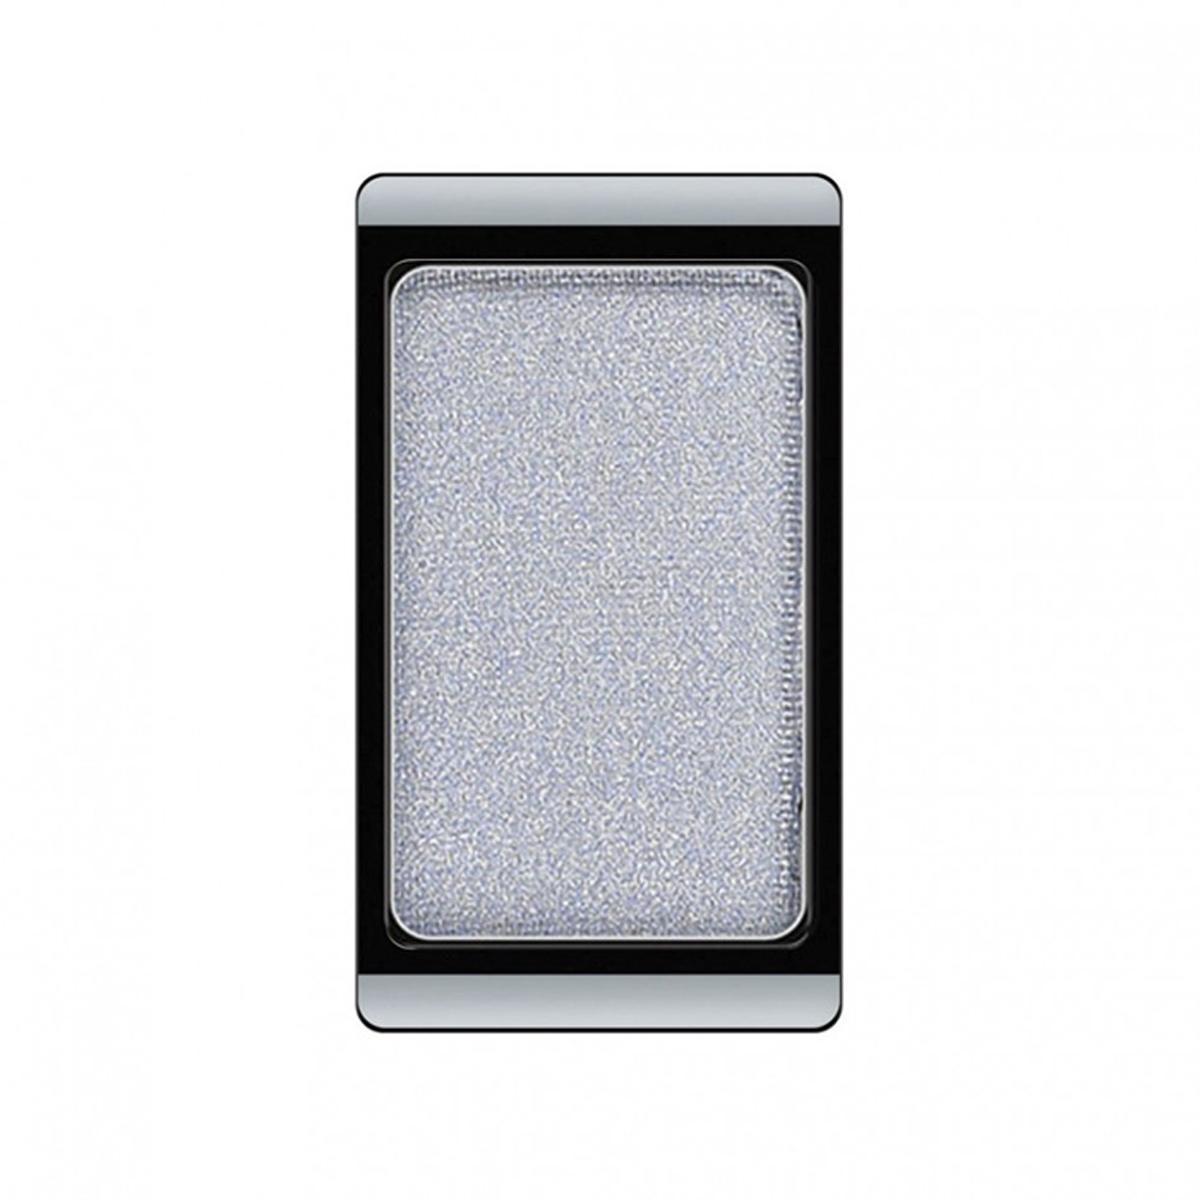 Artdeco Тени для век, перламутровые, 1 цвет, тон №74, 0,8 г30.74Перламутровые тени для век Artdeco придадут вашему взгляду выразительную глубину. Их отличает высокая стойкость и невероятно легкое нанесение. Это профессиональный продукт для несравненного результата! Упаковка на магнитах позволяет комбинировать тени по вашему выбору в элегантные коробочки. Тени Artdeco дарят возможность почувствовать себя своим собственным художником по макияжу!Характеристики:Вес: 0,8 г. Тон: №74. Производитель: Германия. Артикул: 30.74. Товар сертифицирован.